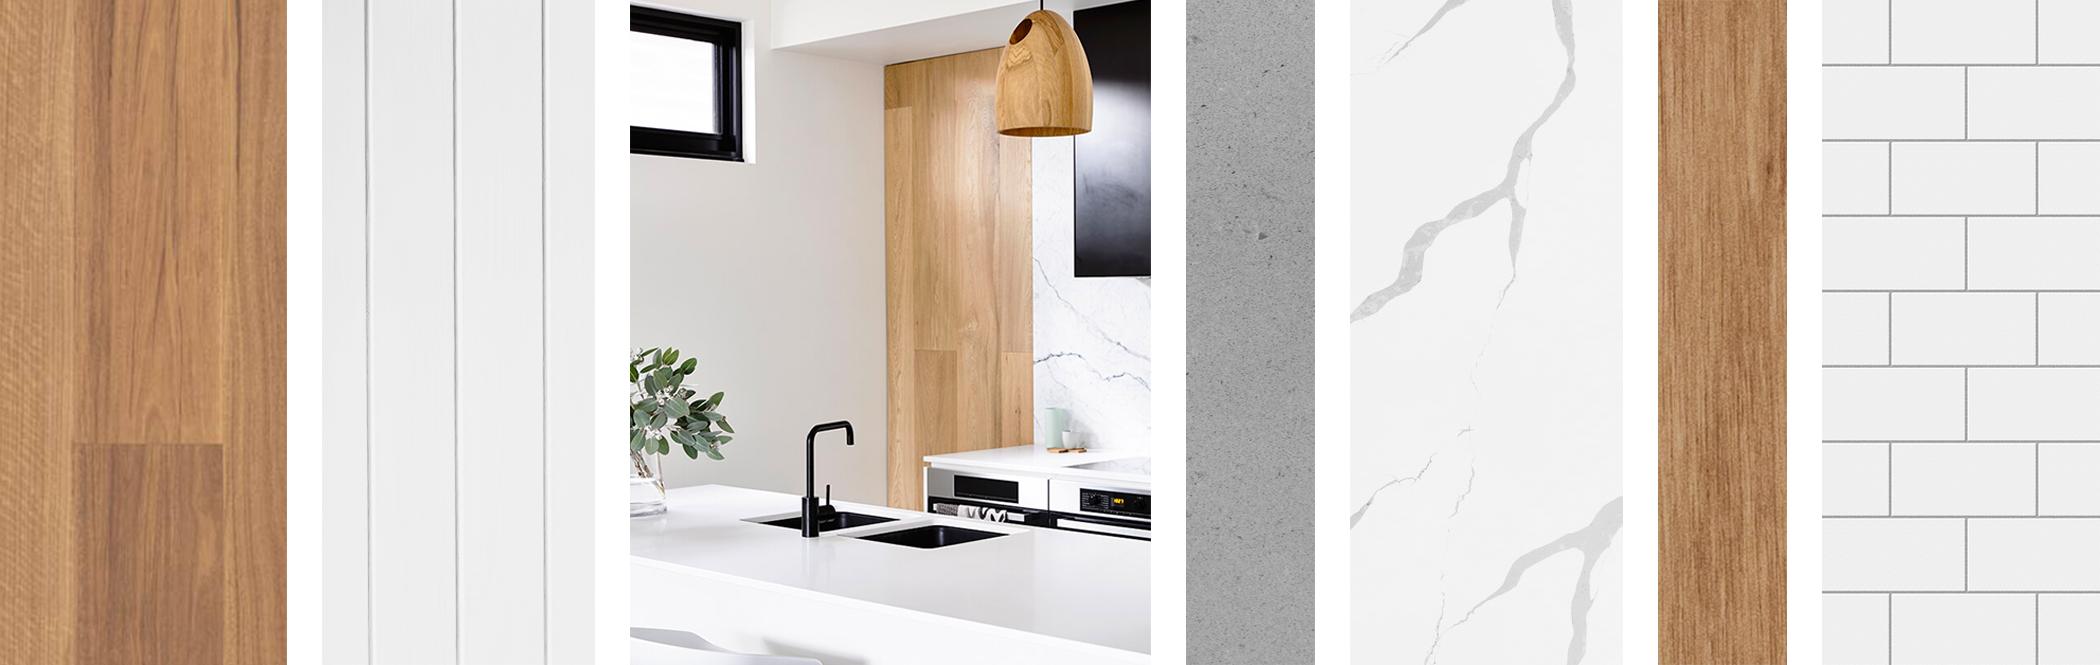 Kitchen Interior Design Concept - Inspiration Imagery, Fraser Residence. LO Design Studio Interior Designer Canberra